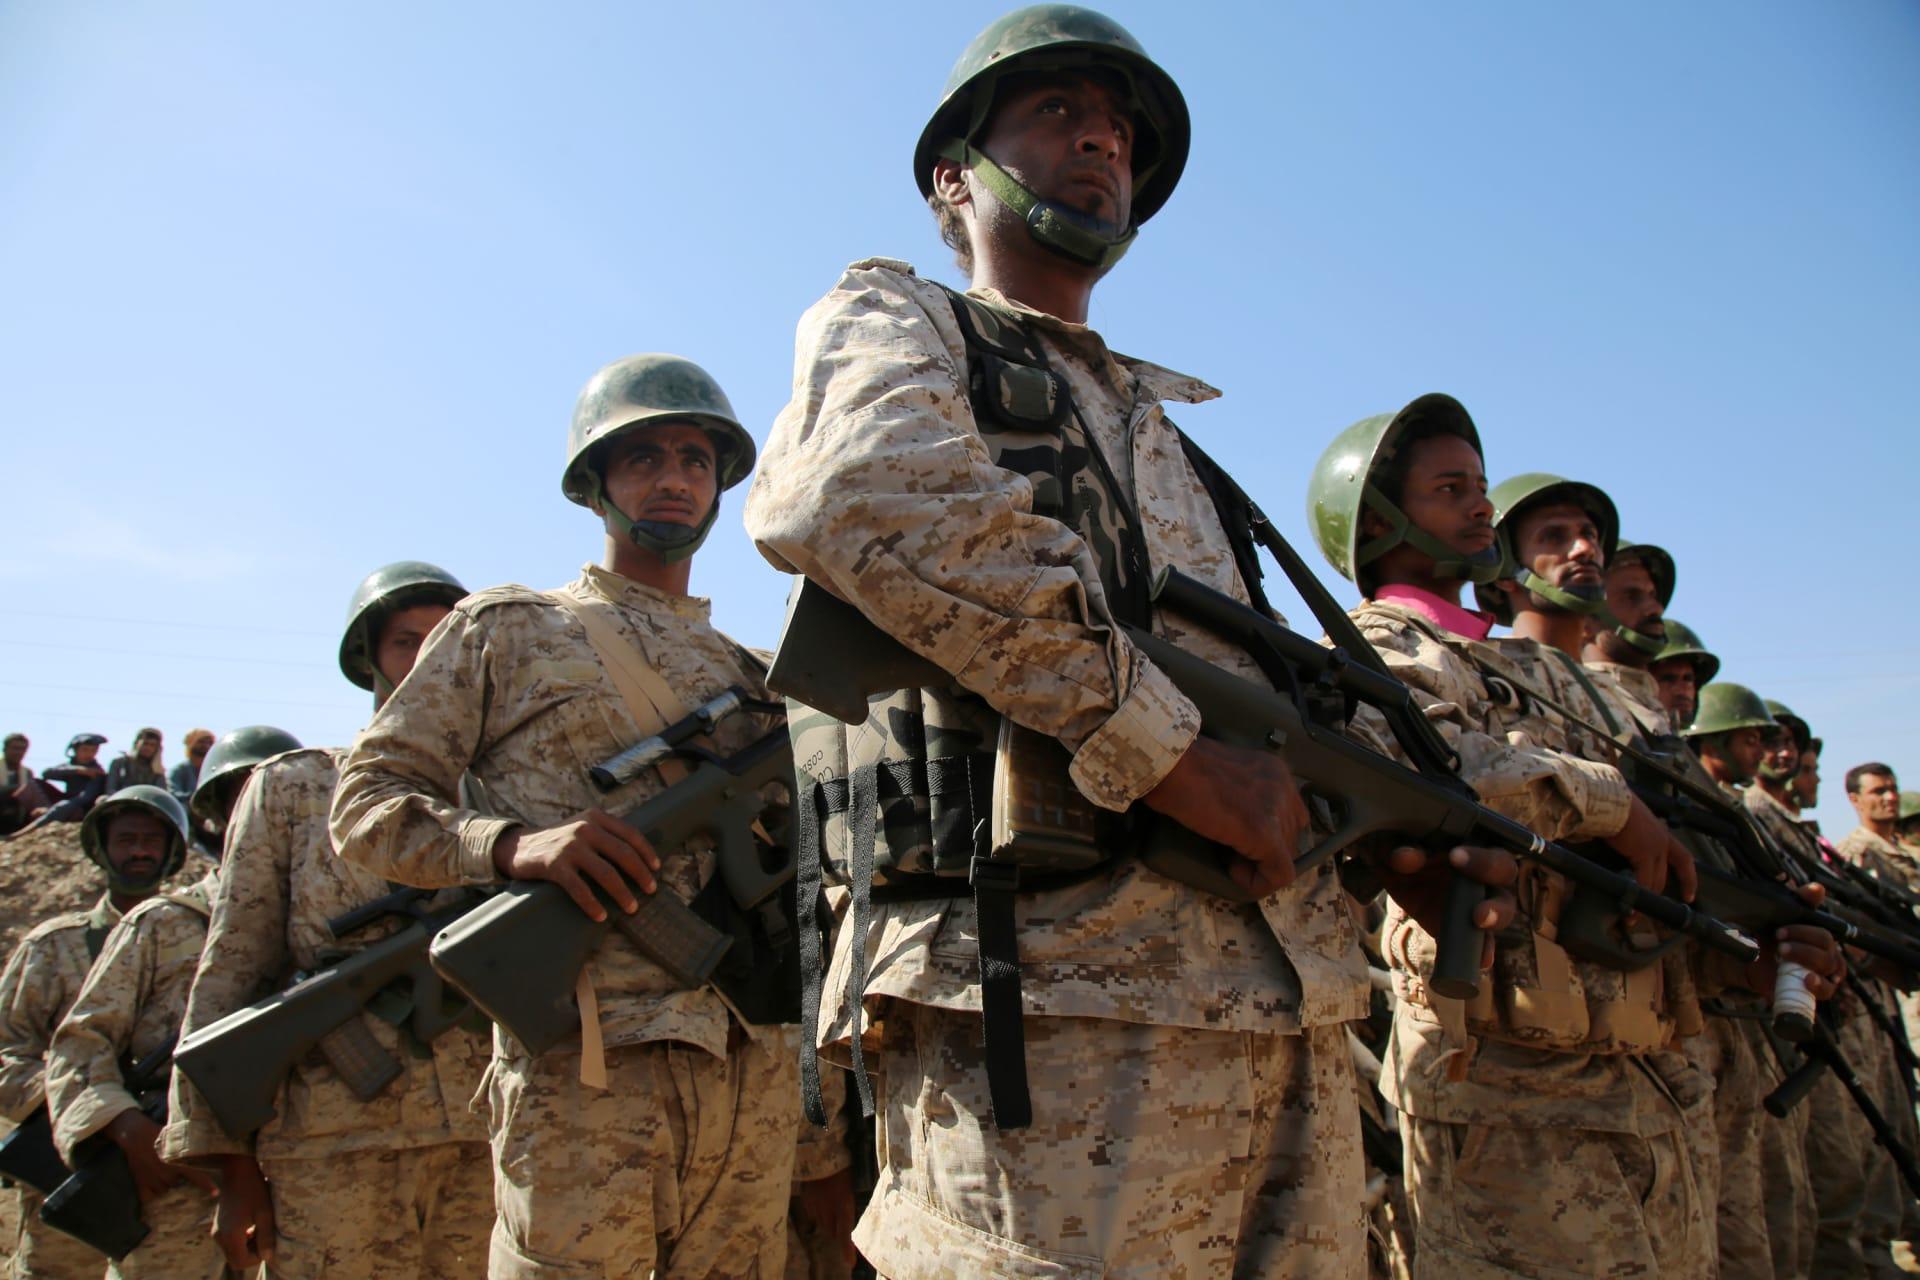 مصادر لـCNN: قتلى وجرحى إثر هجوم انتحاري يستهدف قاعدة عسكرية باليمن.. وداعش يتبنى المسؤولية